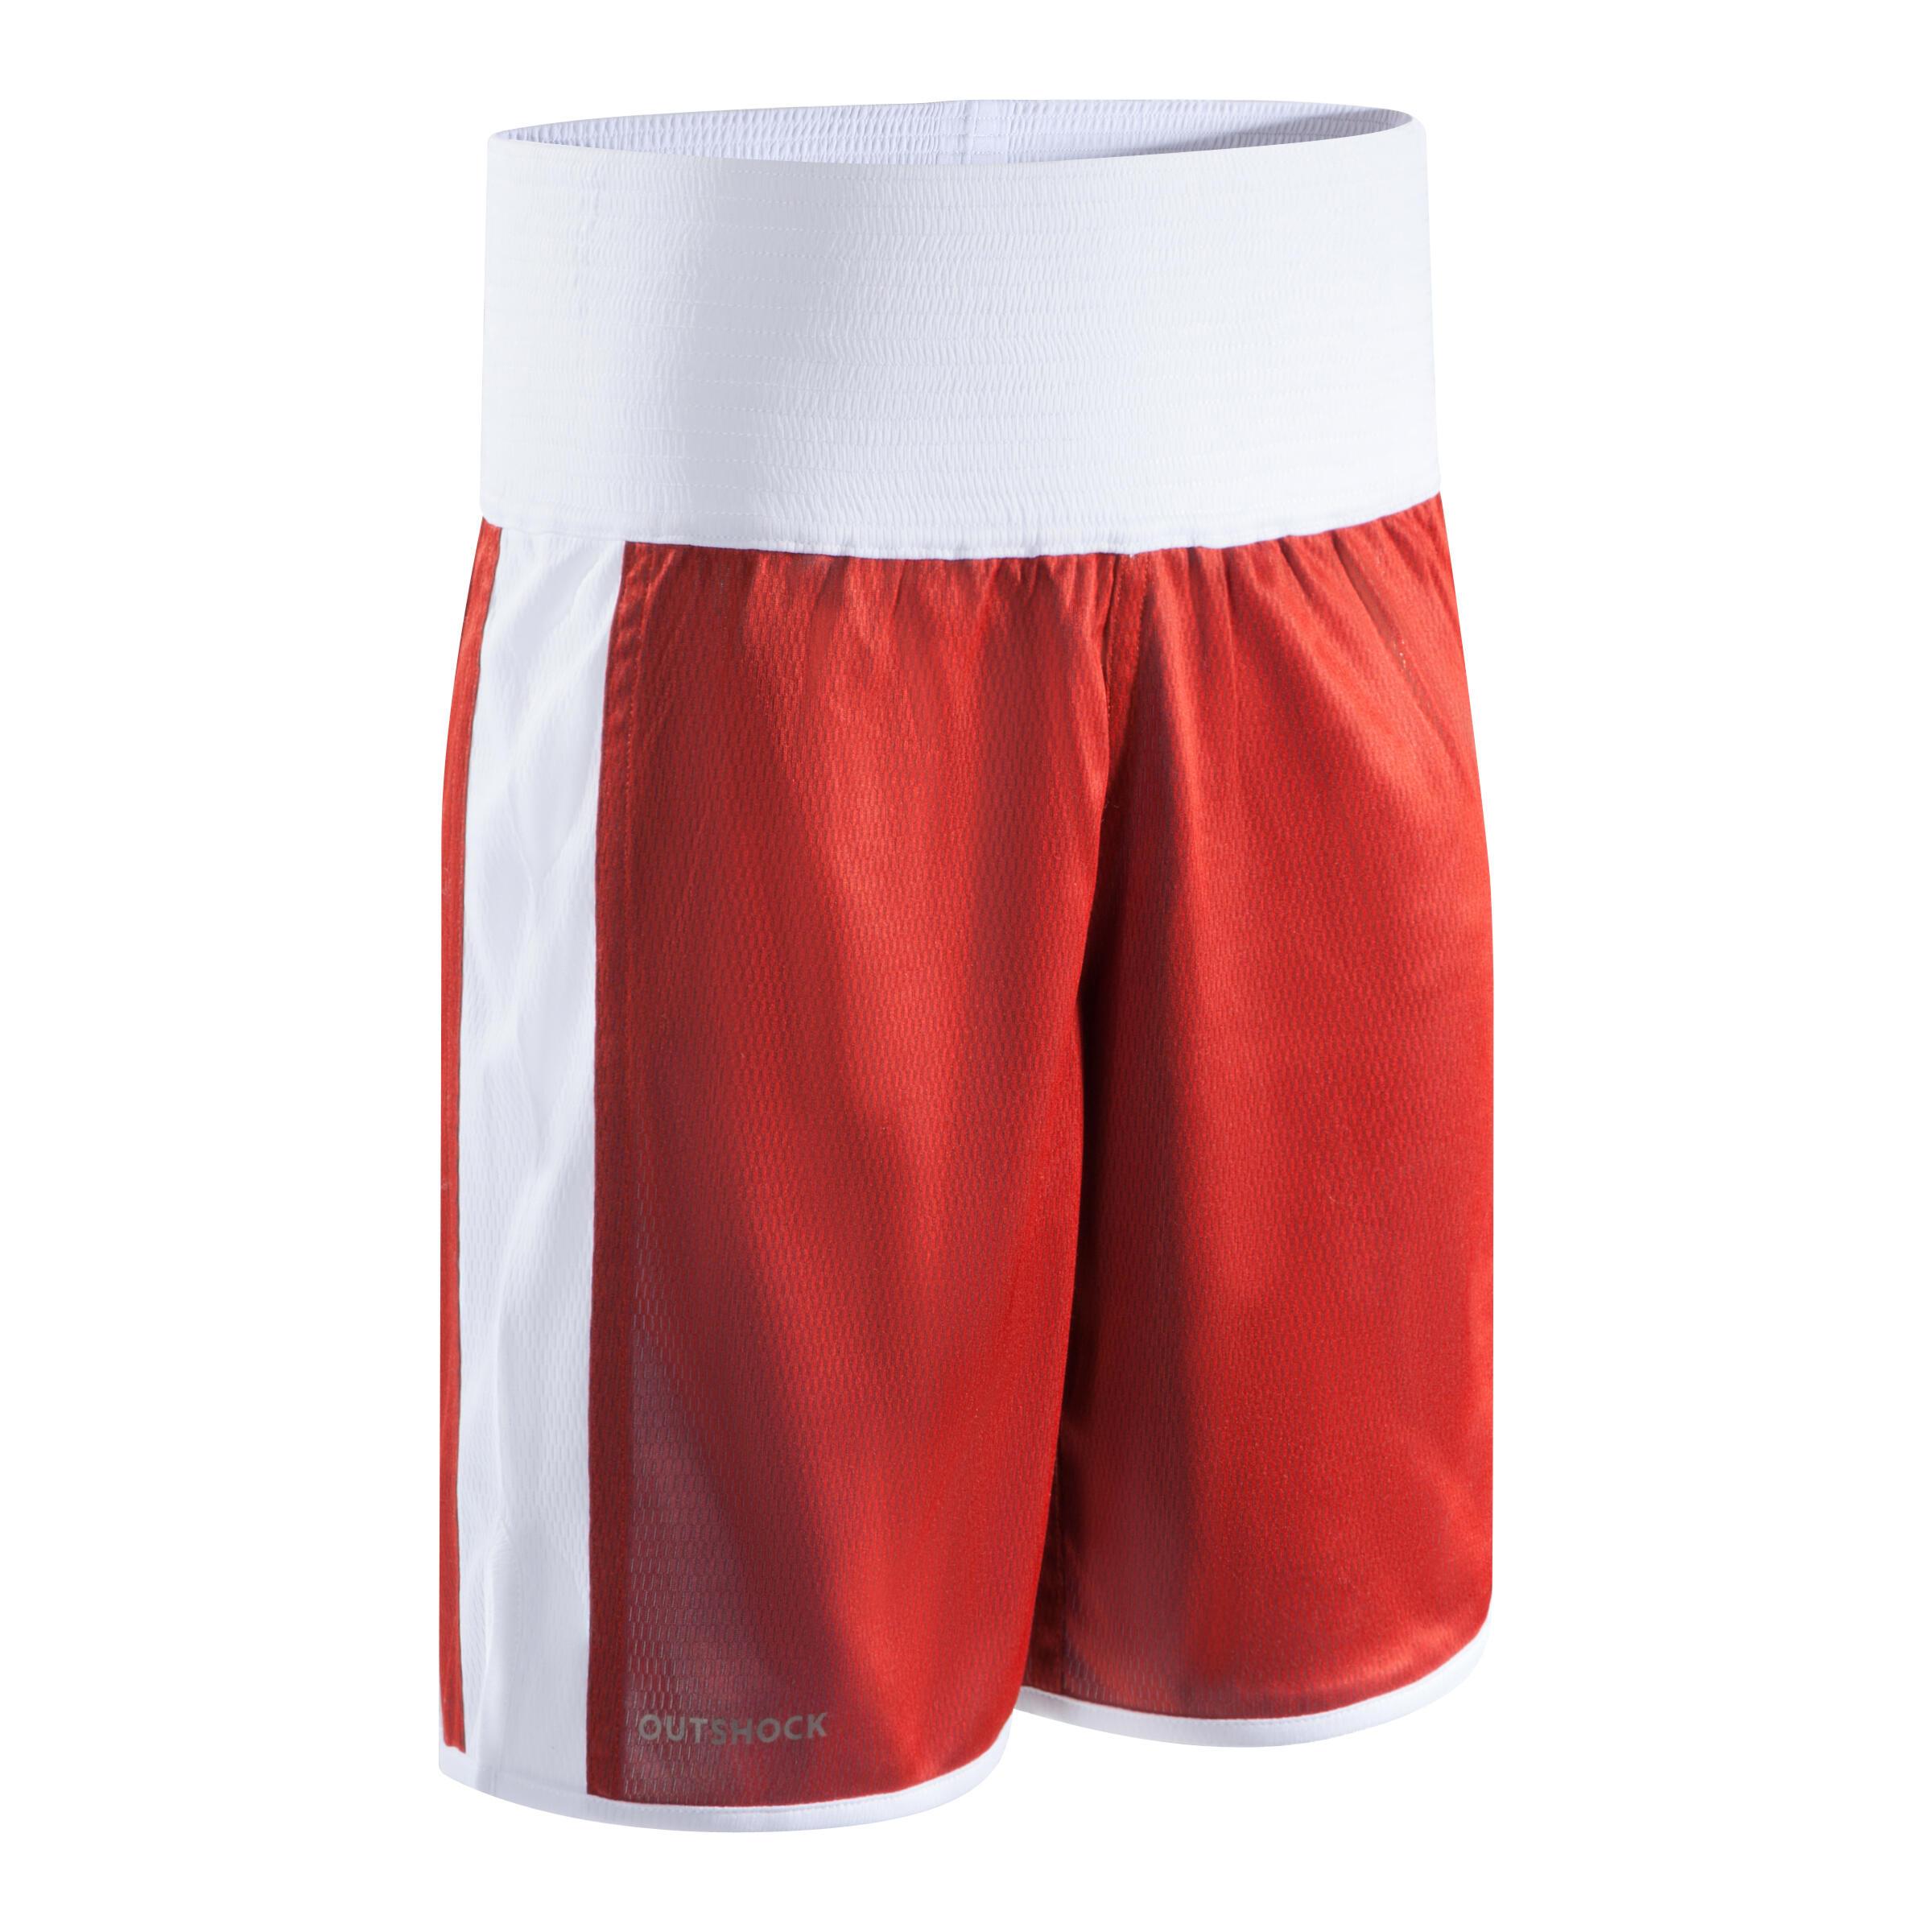 magasin en ligne 50% de réduction outlet Shorts, pantacourts et bermudas pour enfant   Decathlon